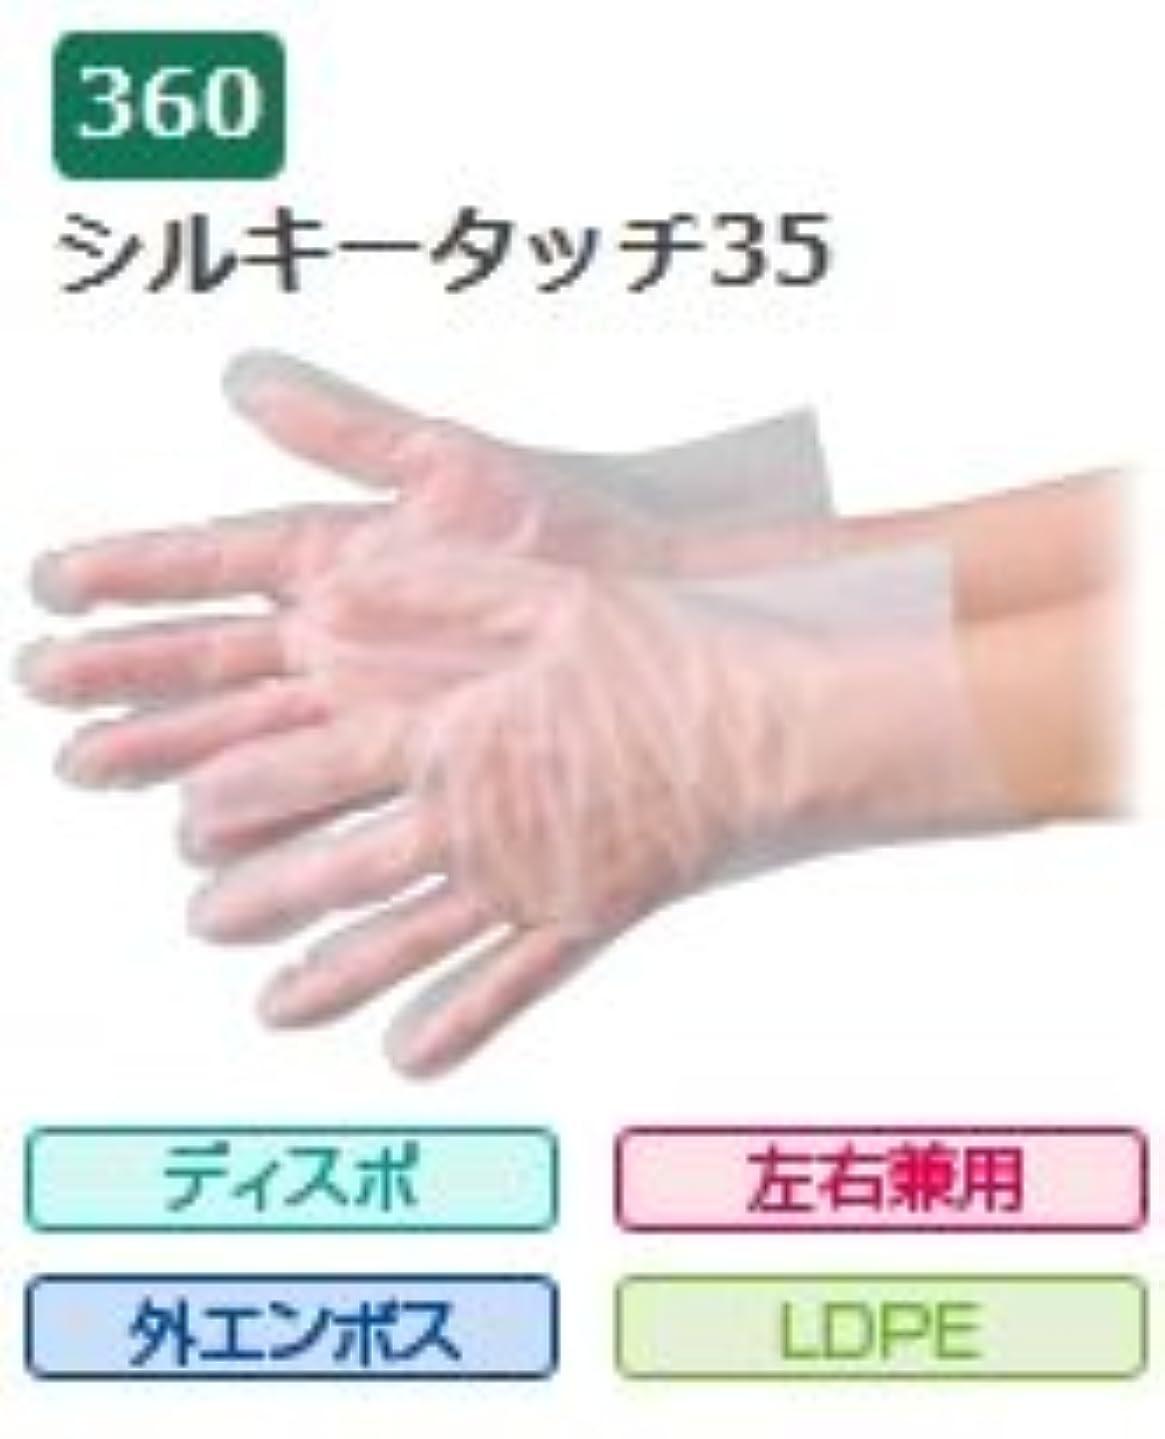 ヘルパー人類伝導エブノ ポリエチレン手袋 No.360 L 半透明 (100枚×50袋) シルキータッチ35 袋入